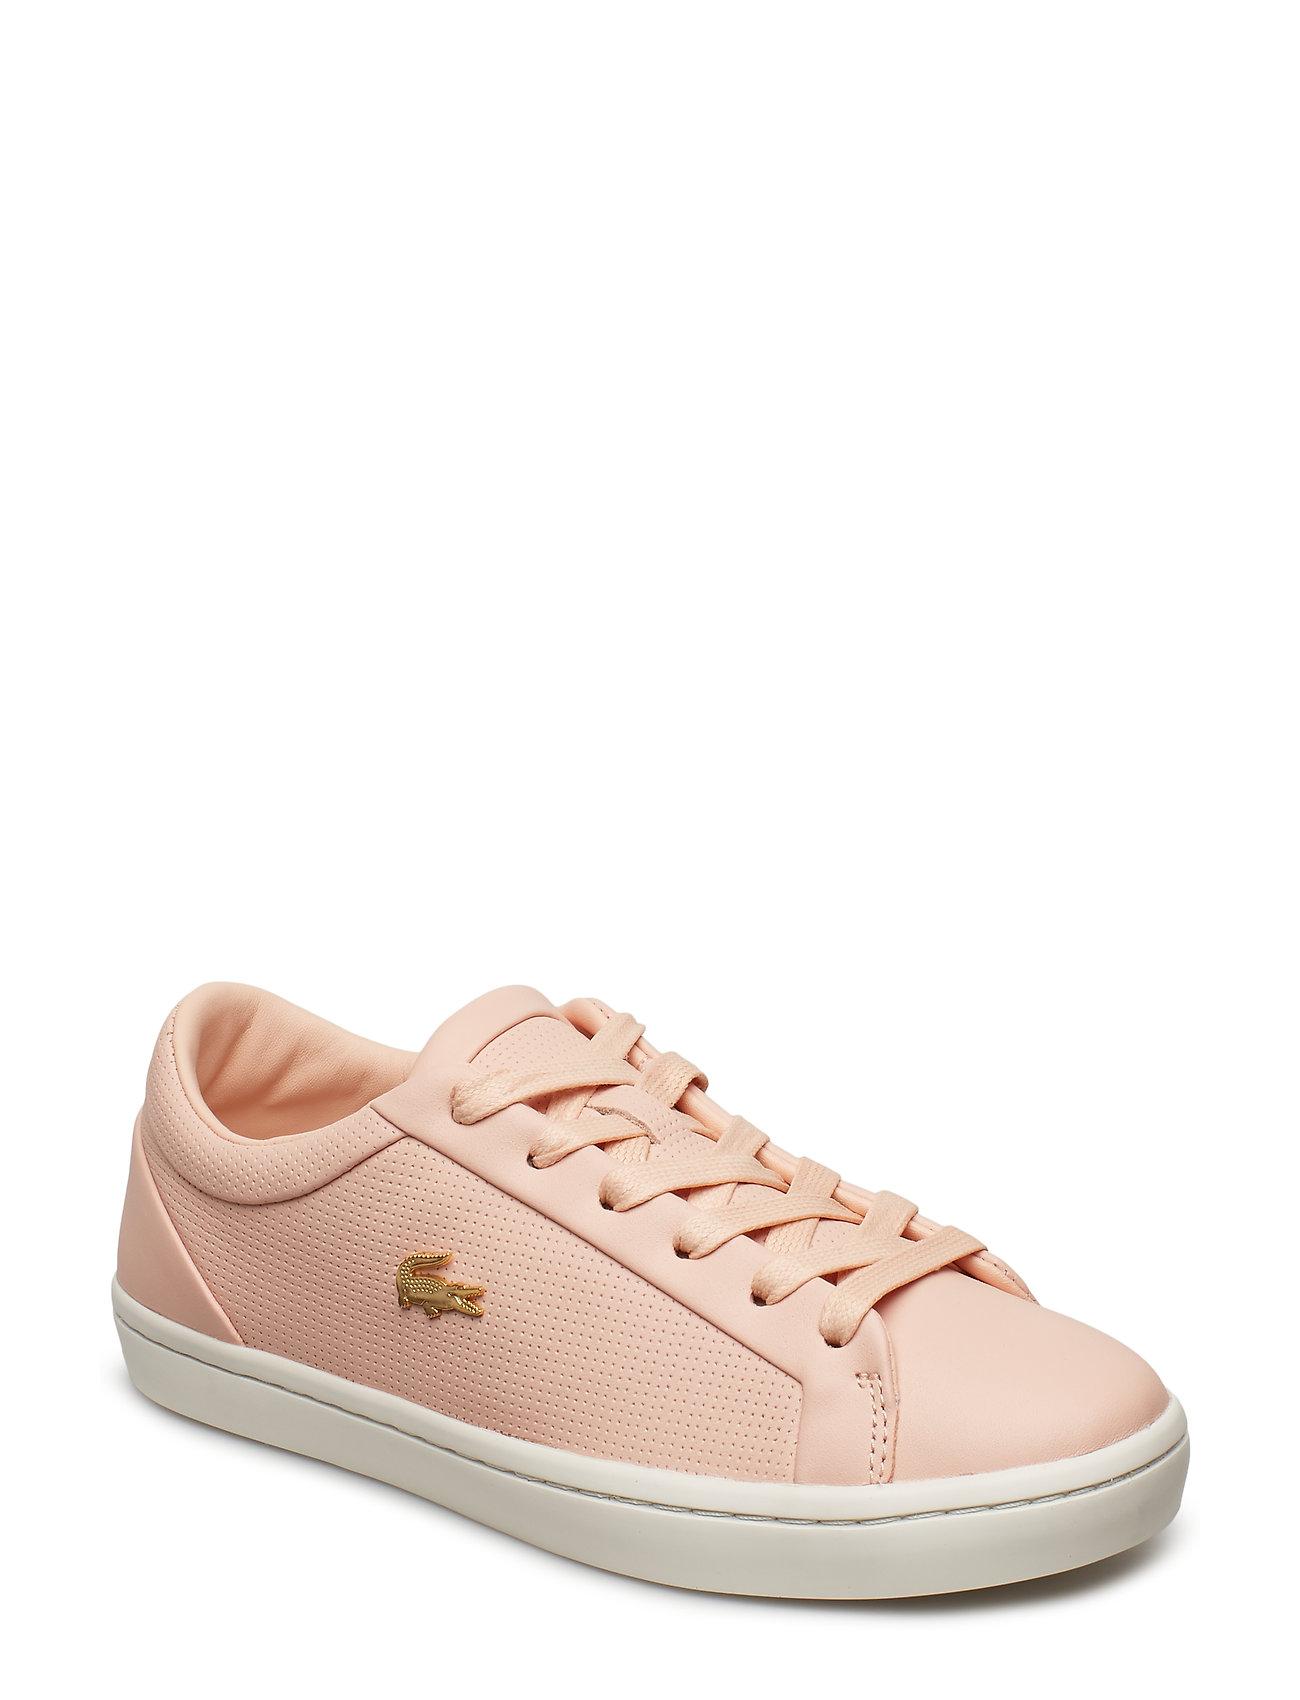 LACOSTE Straightset 1192 Cfa Niedrige Sneaker Pink LACOSTE SHOES